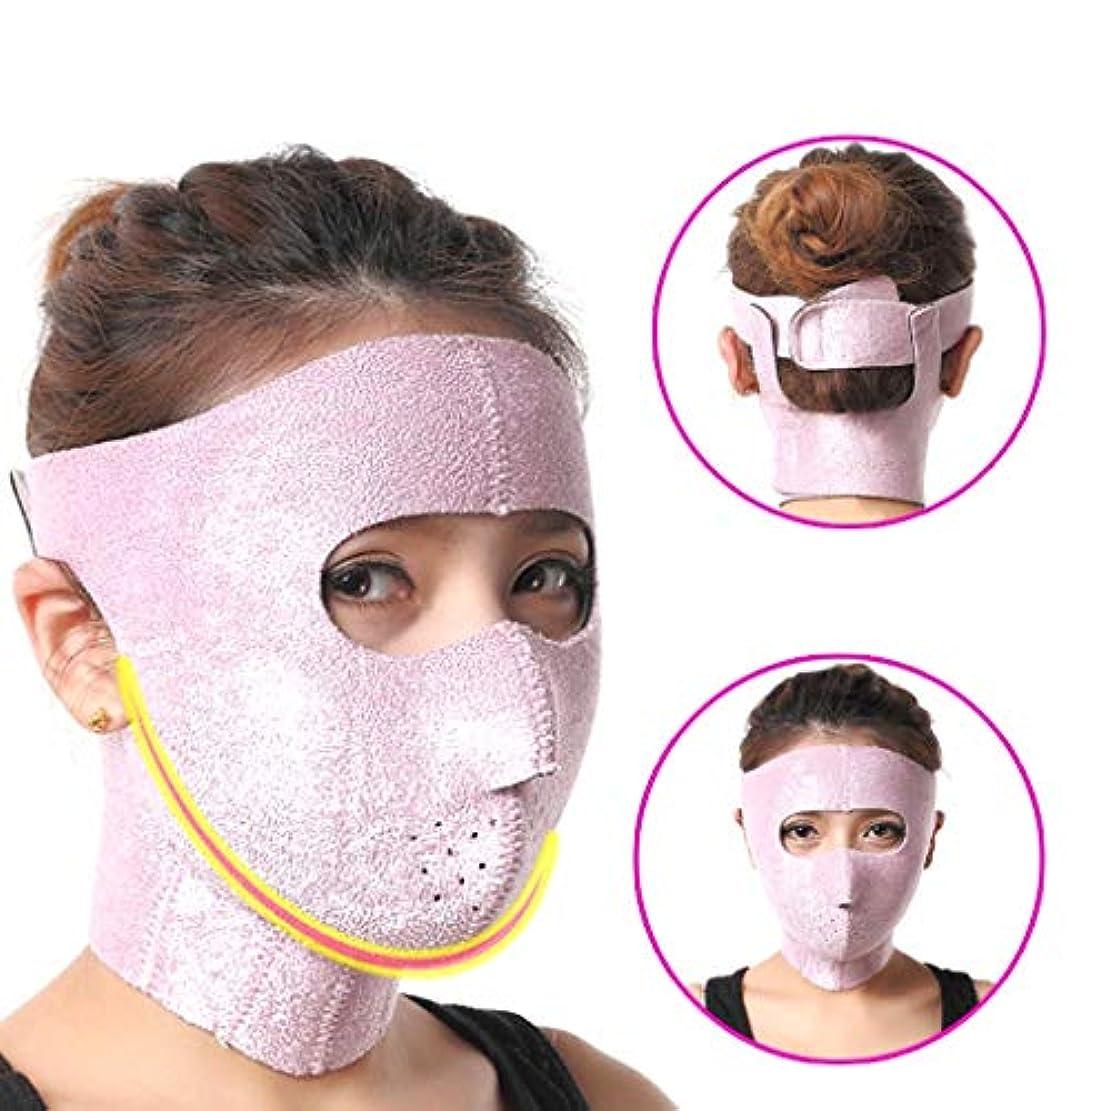 反逆魔法ビーチXHLMRMJ 薄いあご修正ツール、顔リフティングマスク、リフティングファーミング、Vフェイシャルマスク、改良された咬筋二重あご、男性と女性の両方に適しています